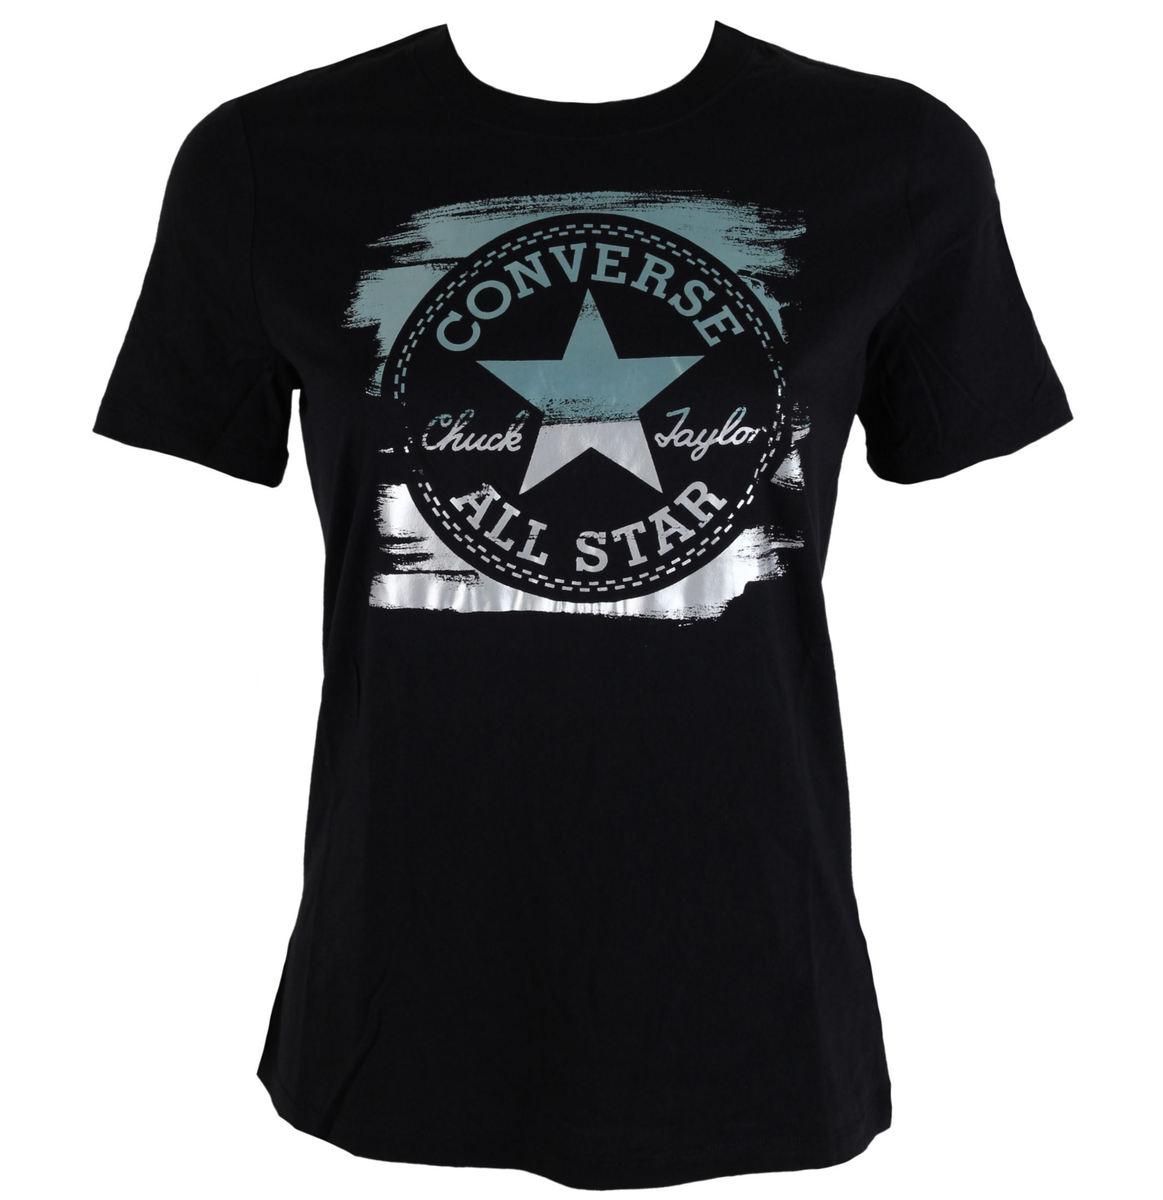 tričko dámské CONVERSE - Metallic - 10001172-001